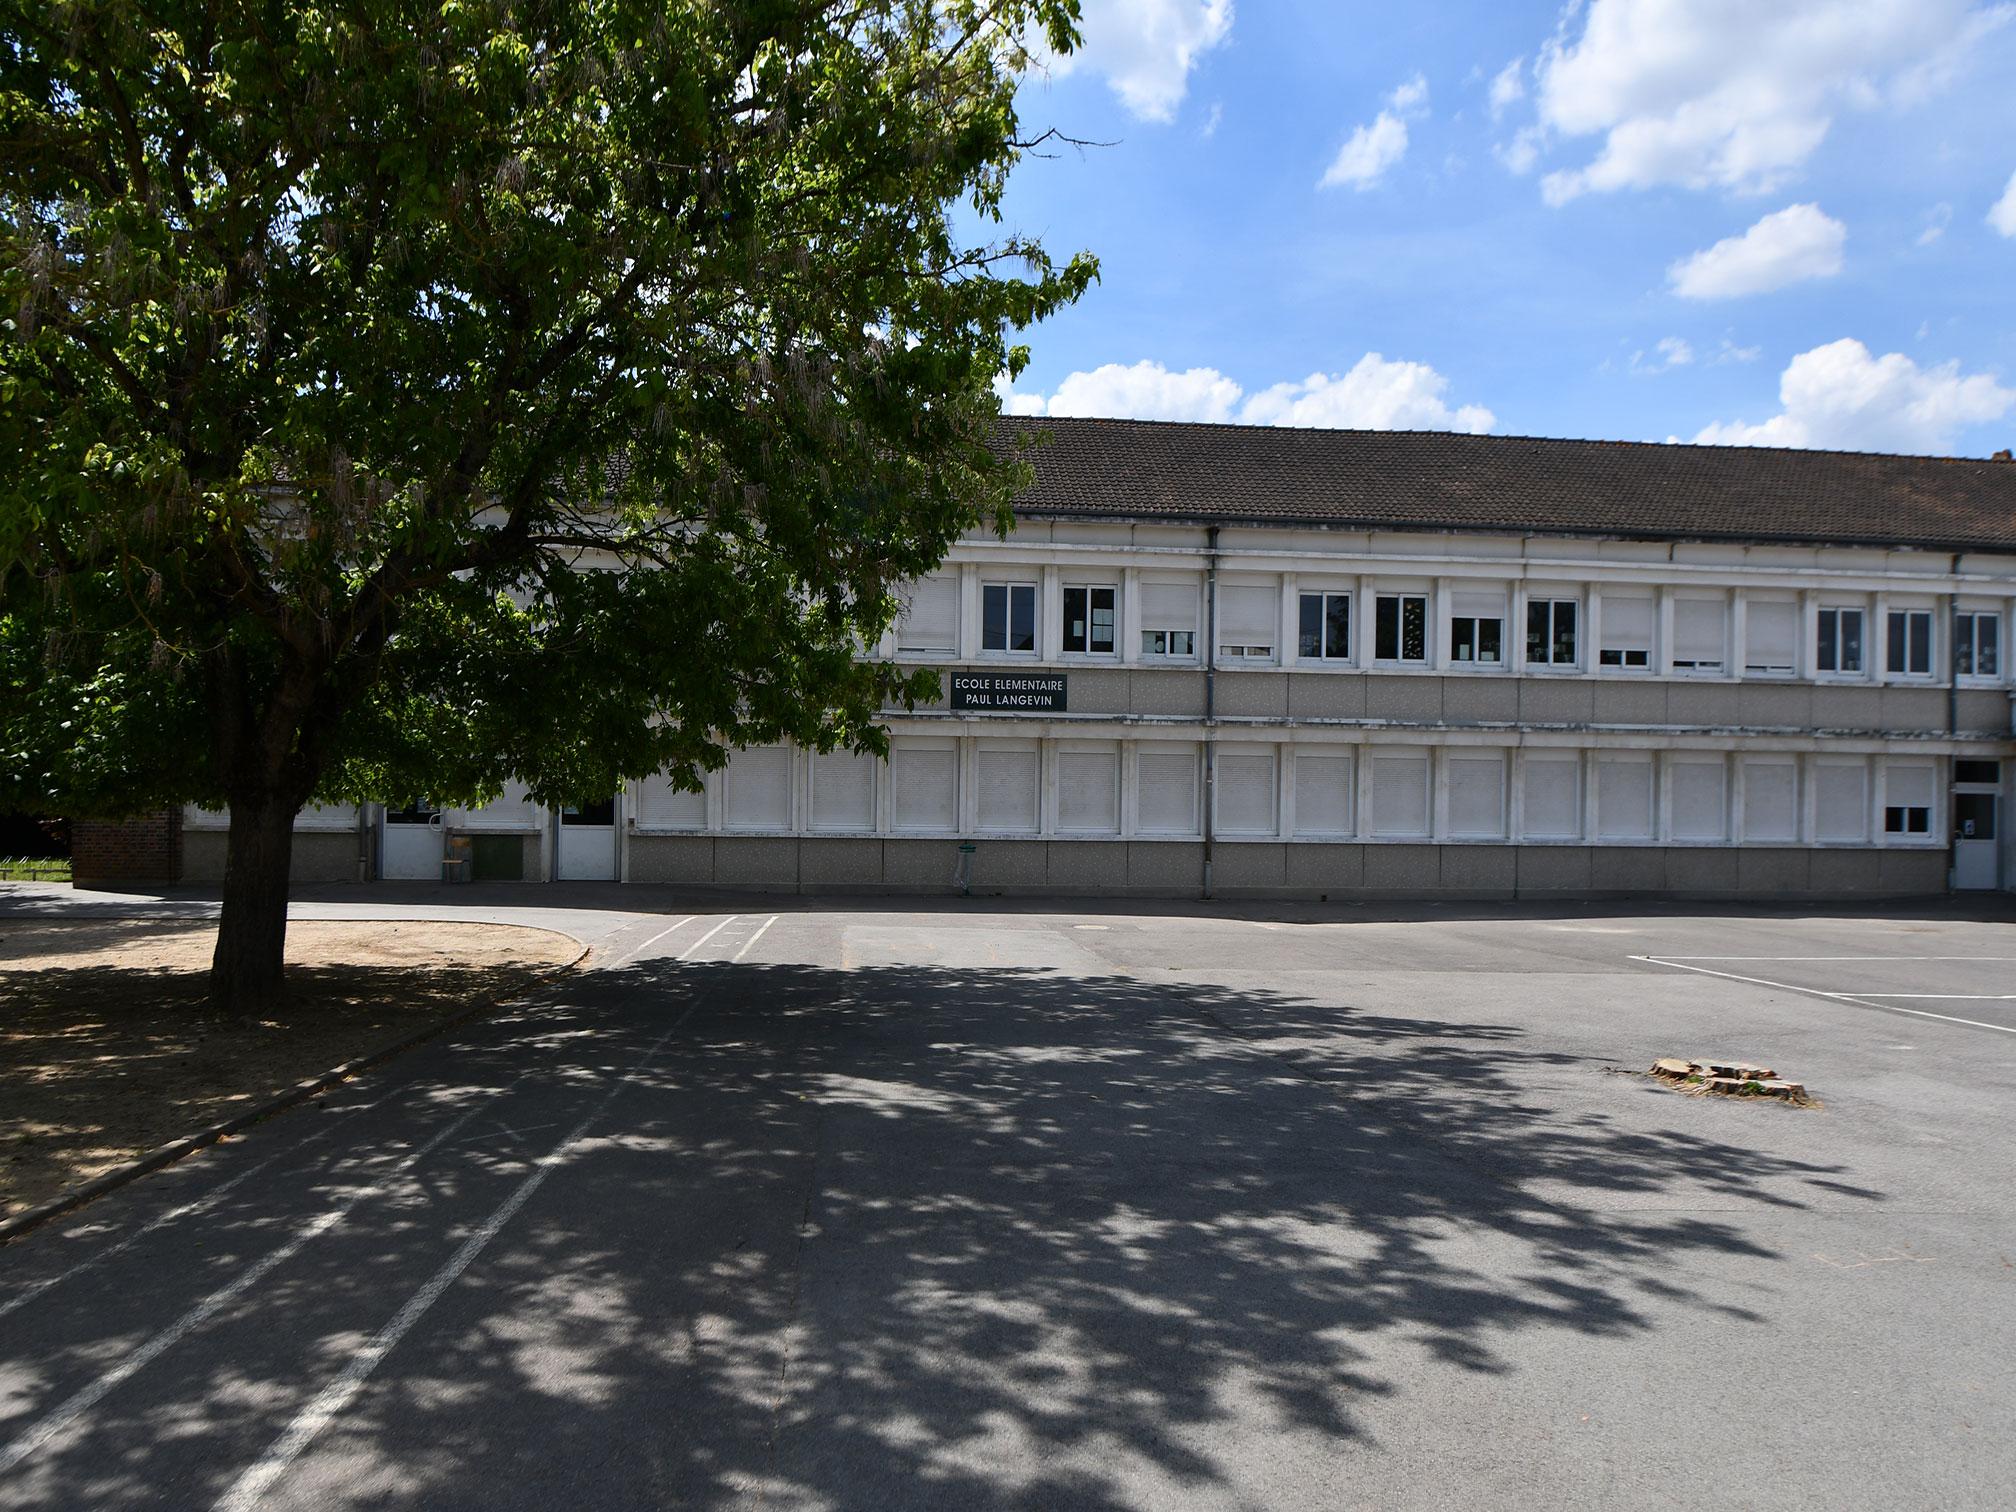 École élémentaire Paul Langevin